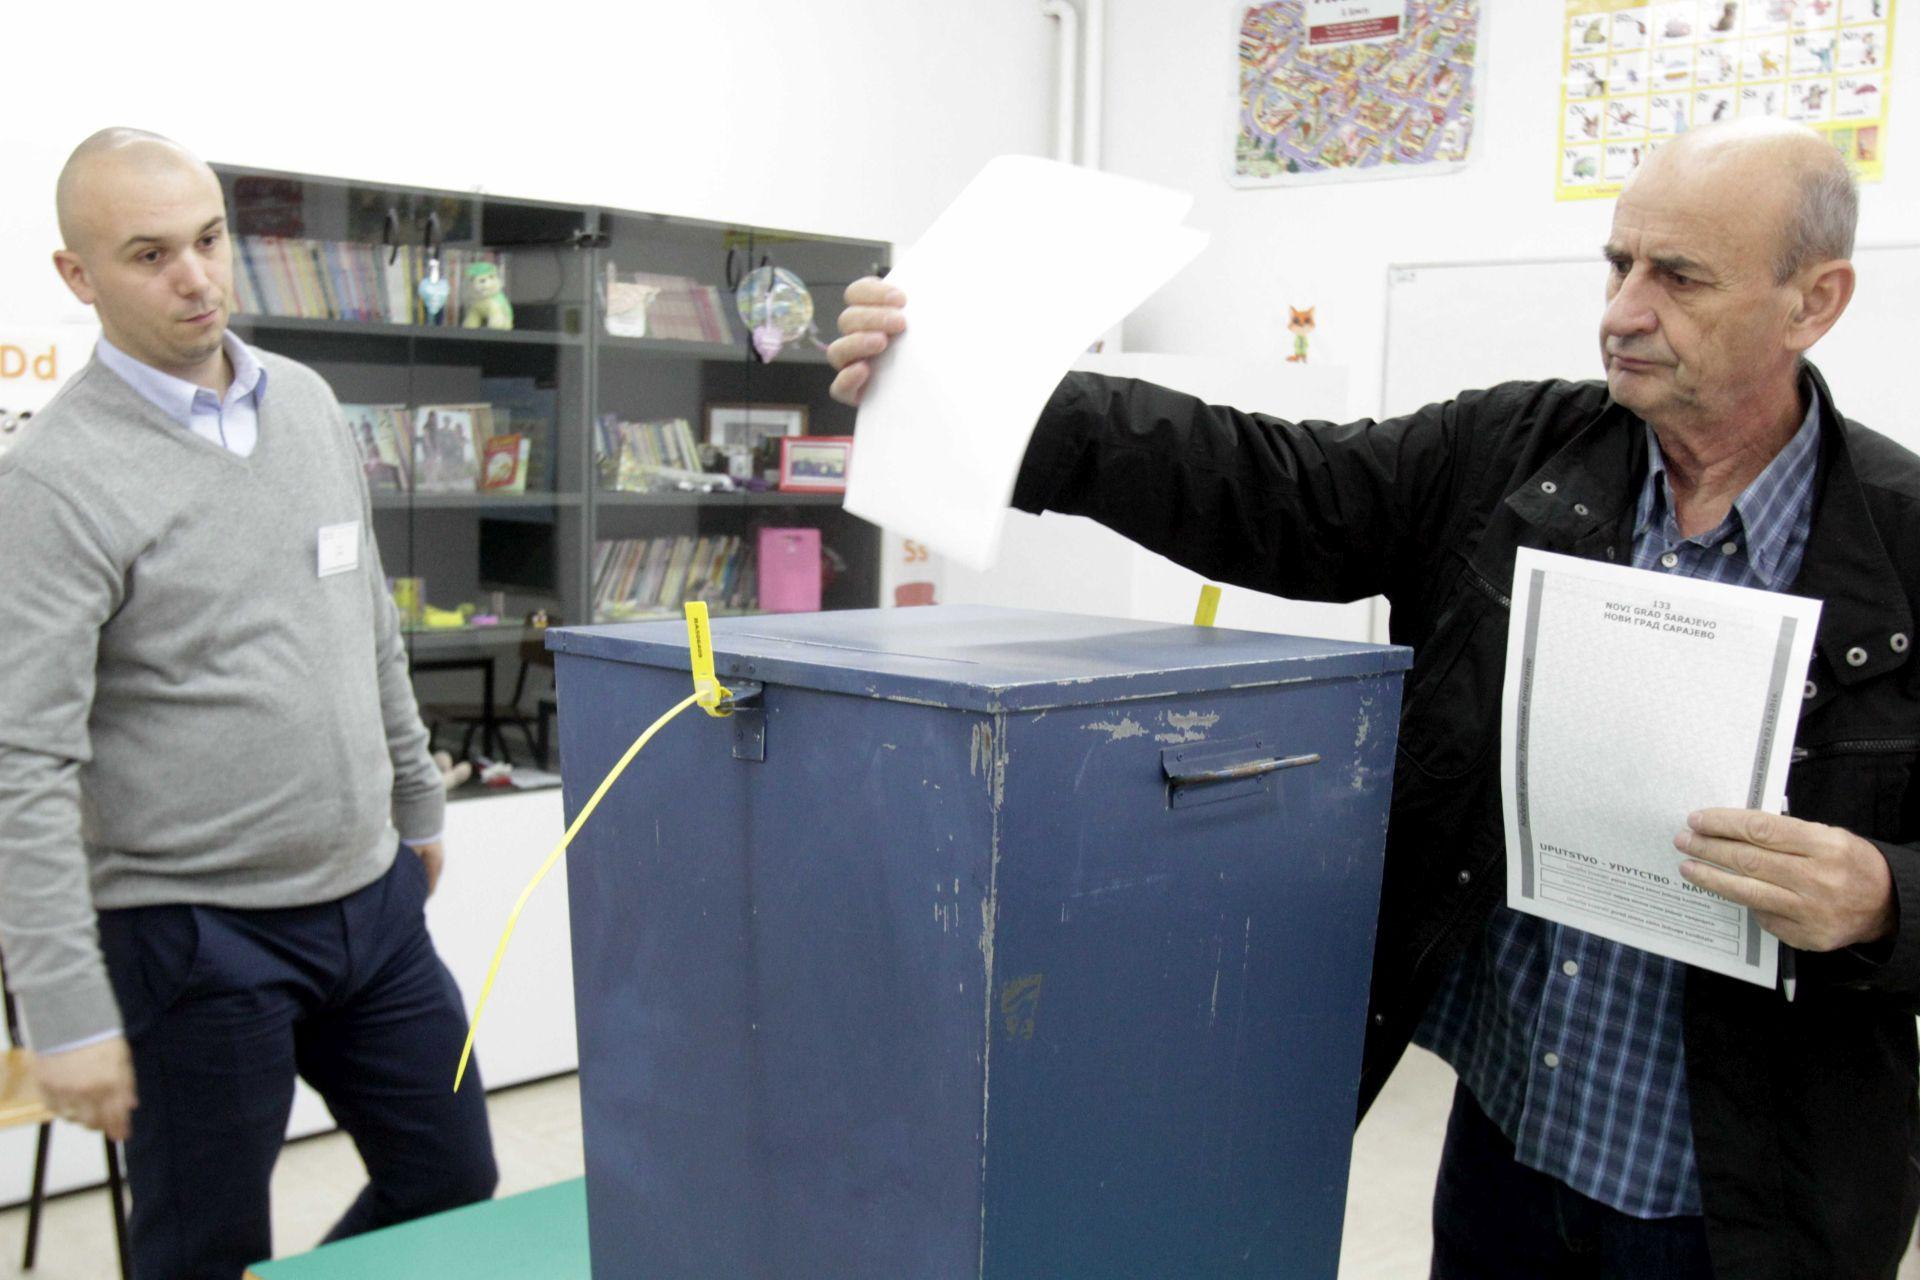 BiH: Izbori protječu bez zapreka, do 11 sati glasovalo 16 posto birača